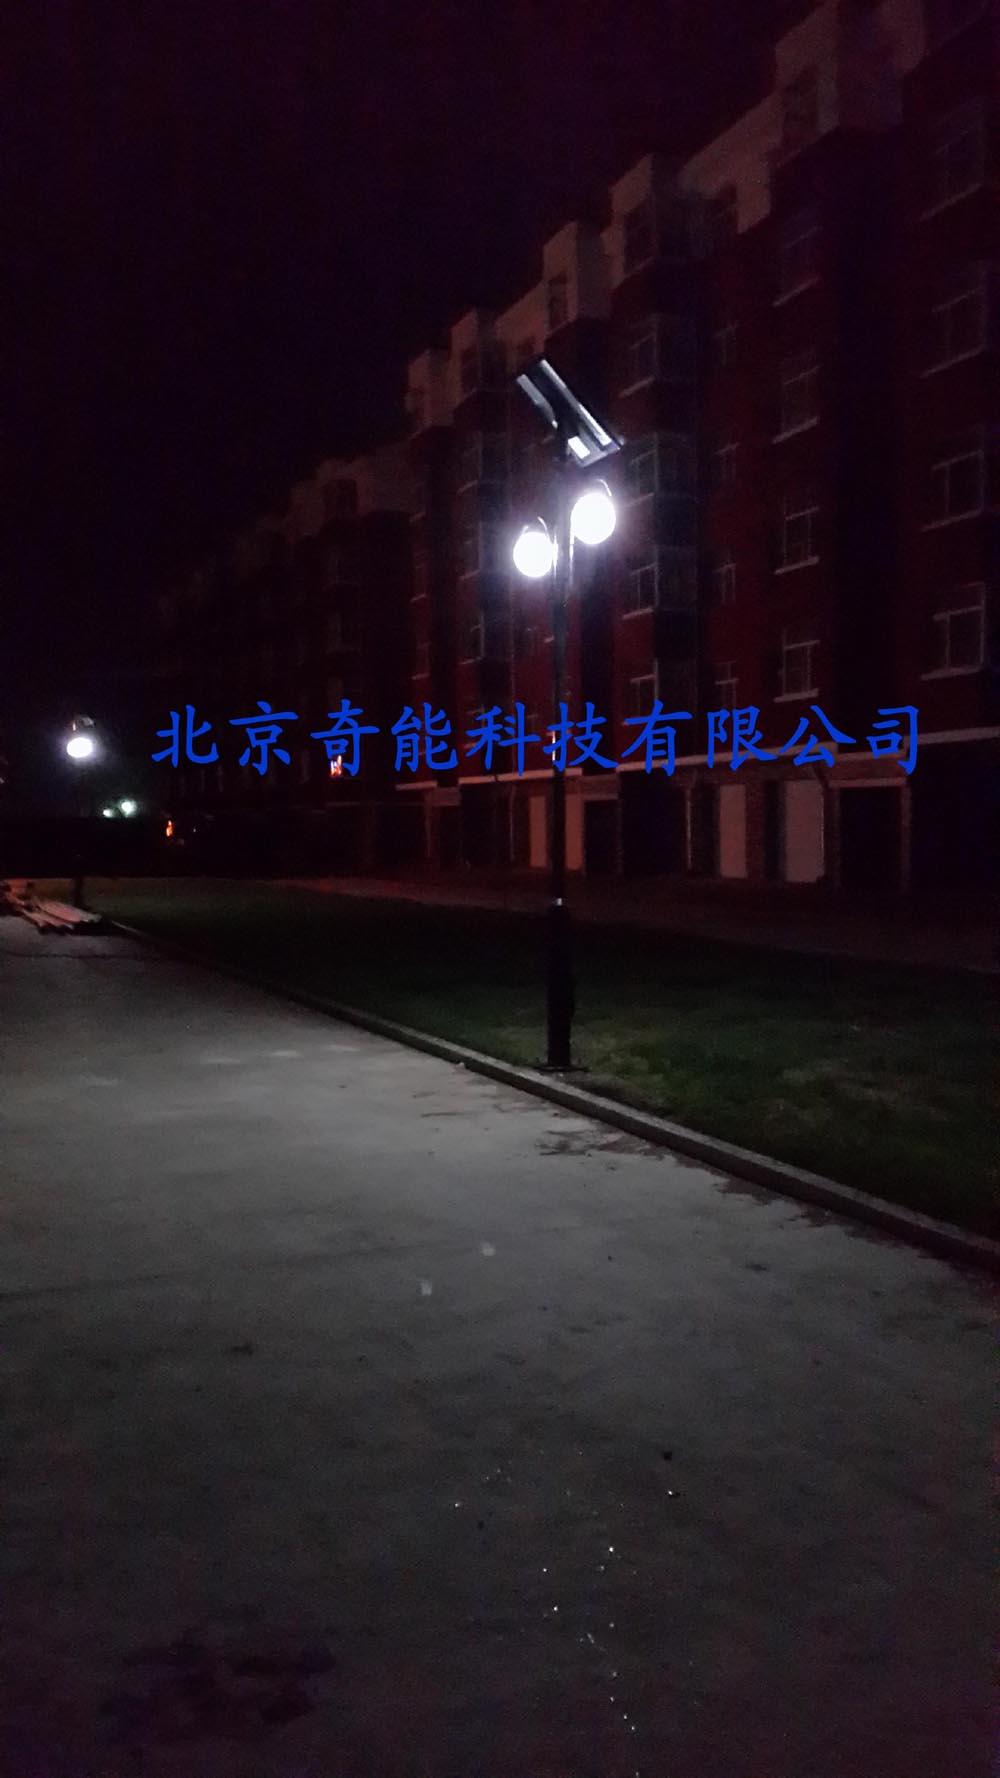 集宁馨院小区太阳能庭院灯工程